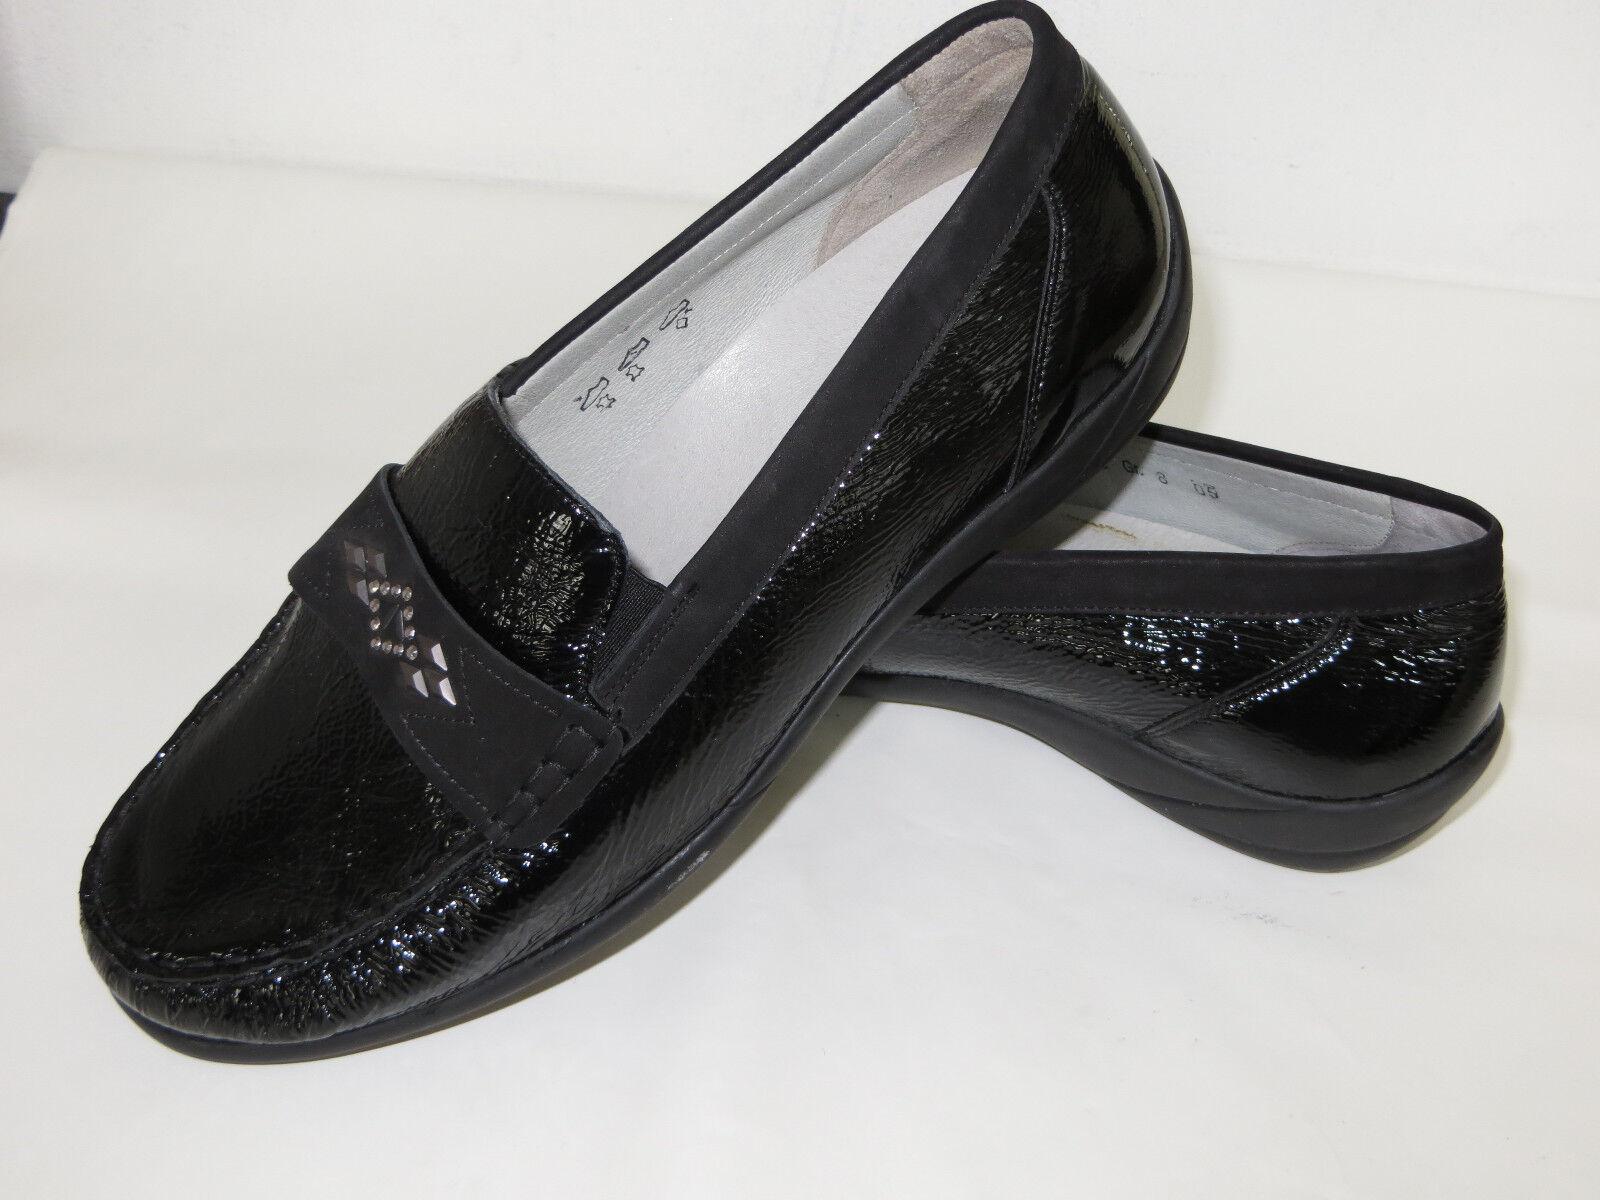 Rôdeur Mocassin-pantoufles en cuir Taille 8, Largeur K, Noir